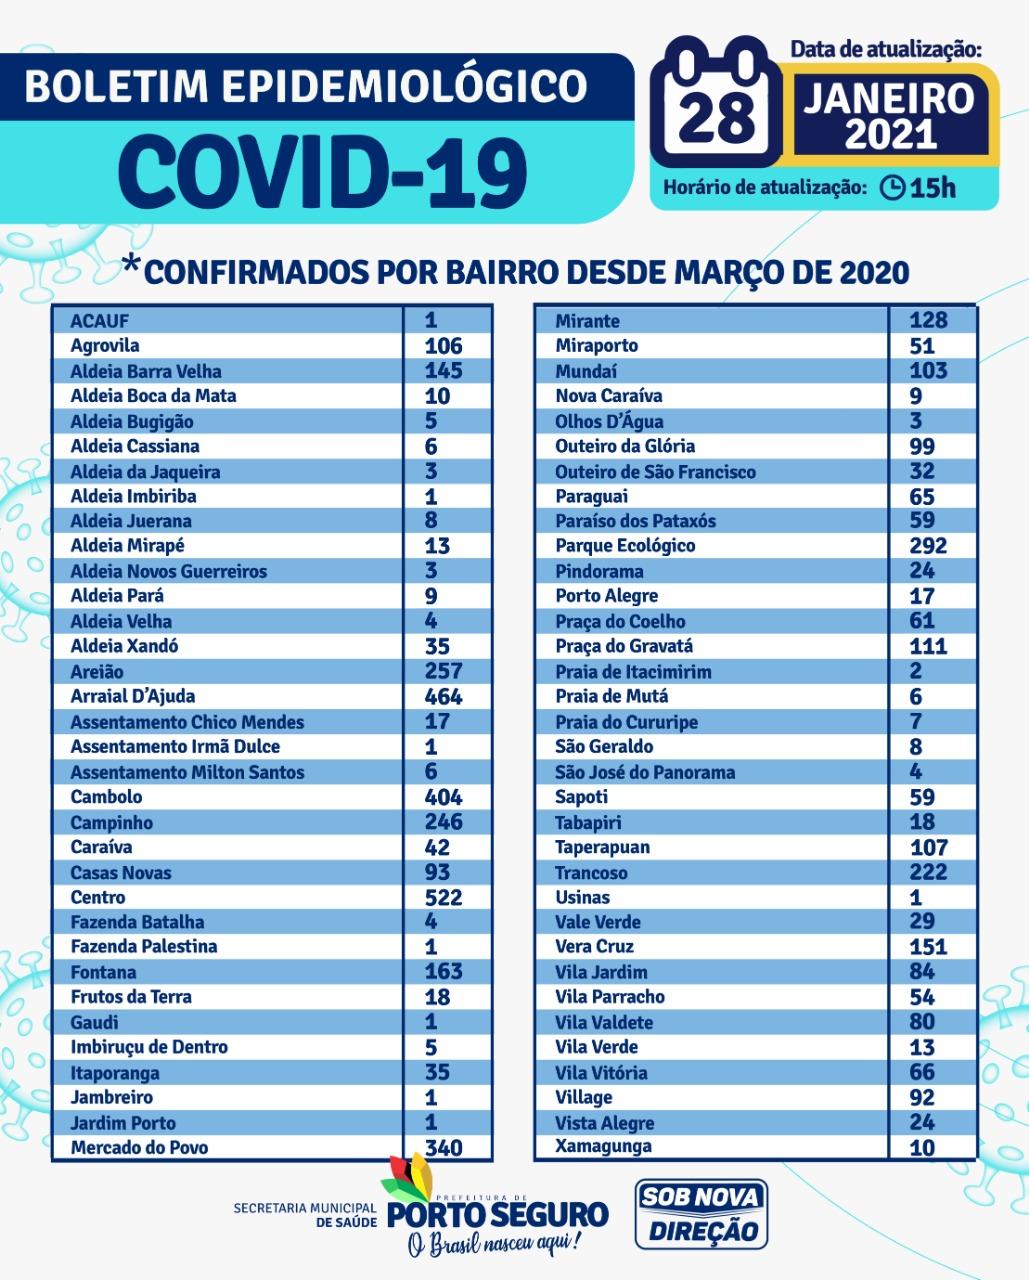 Porto Seguro: Boletim Epidemiológico Coronavírus (quinta feira) 28/01 26